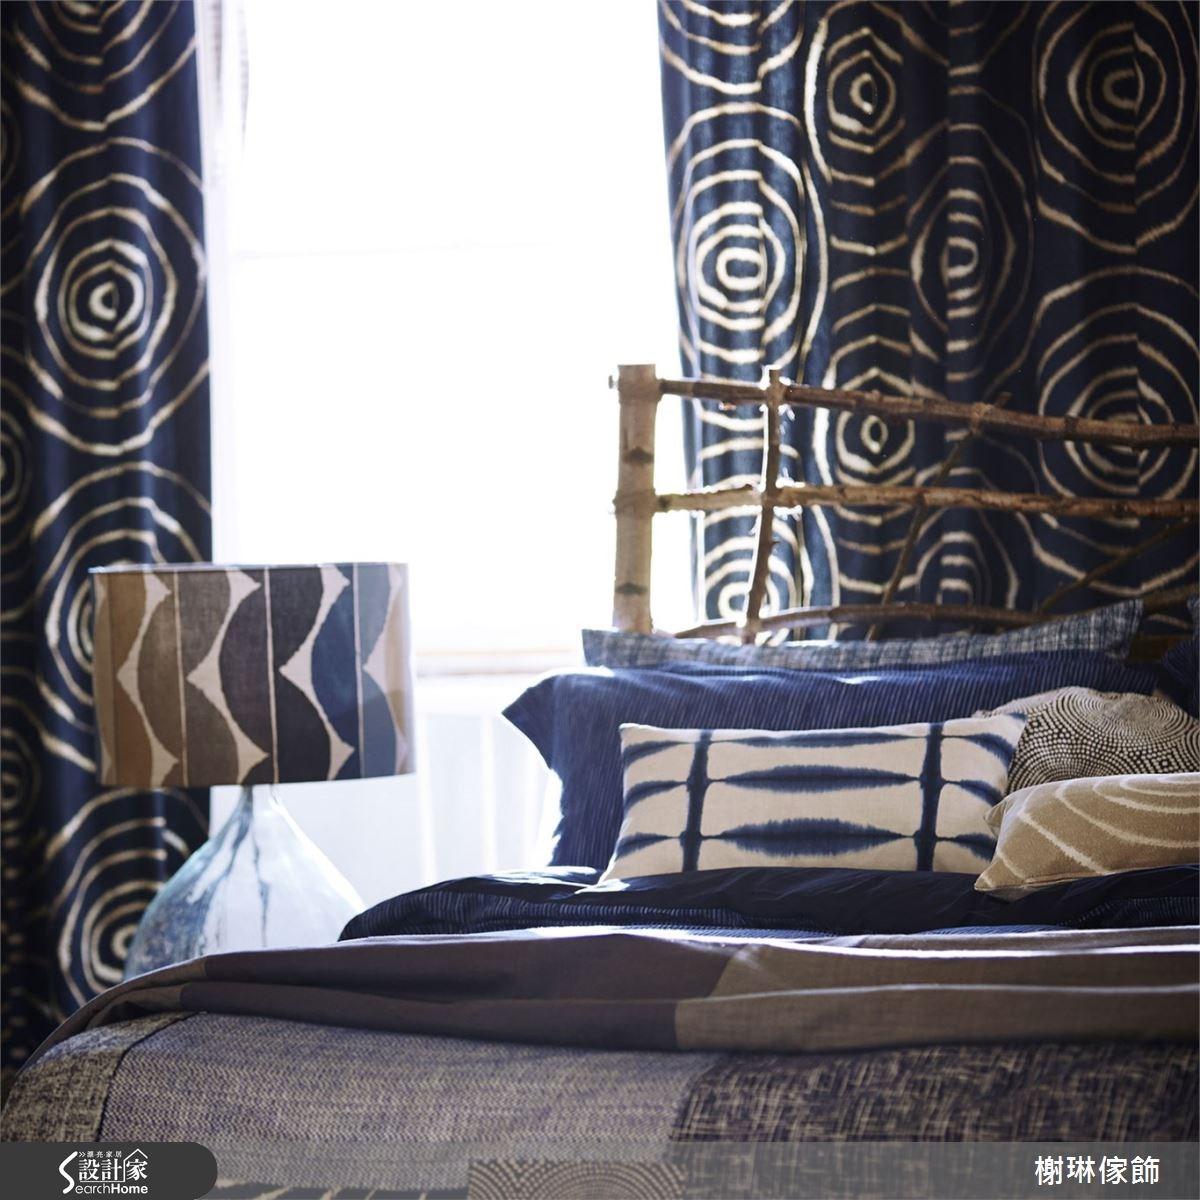 _案例圖片_榭琳傢飾設計公司_榭琳傢飾-窗簾,壁紙,傢俱_Spirit & Soul 2之4